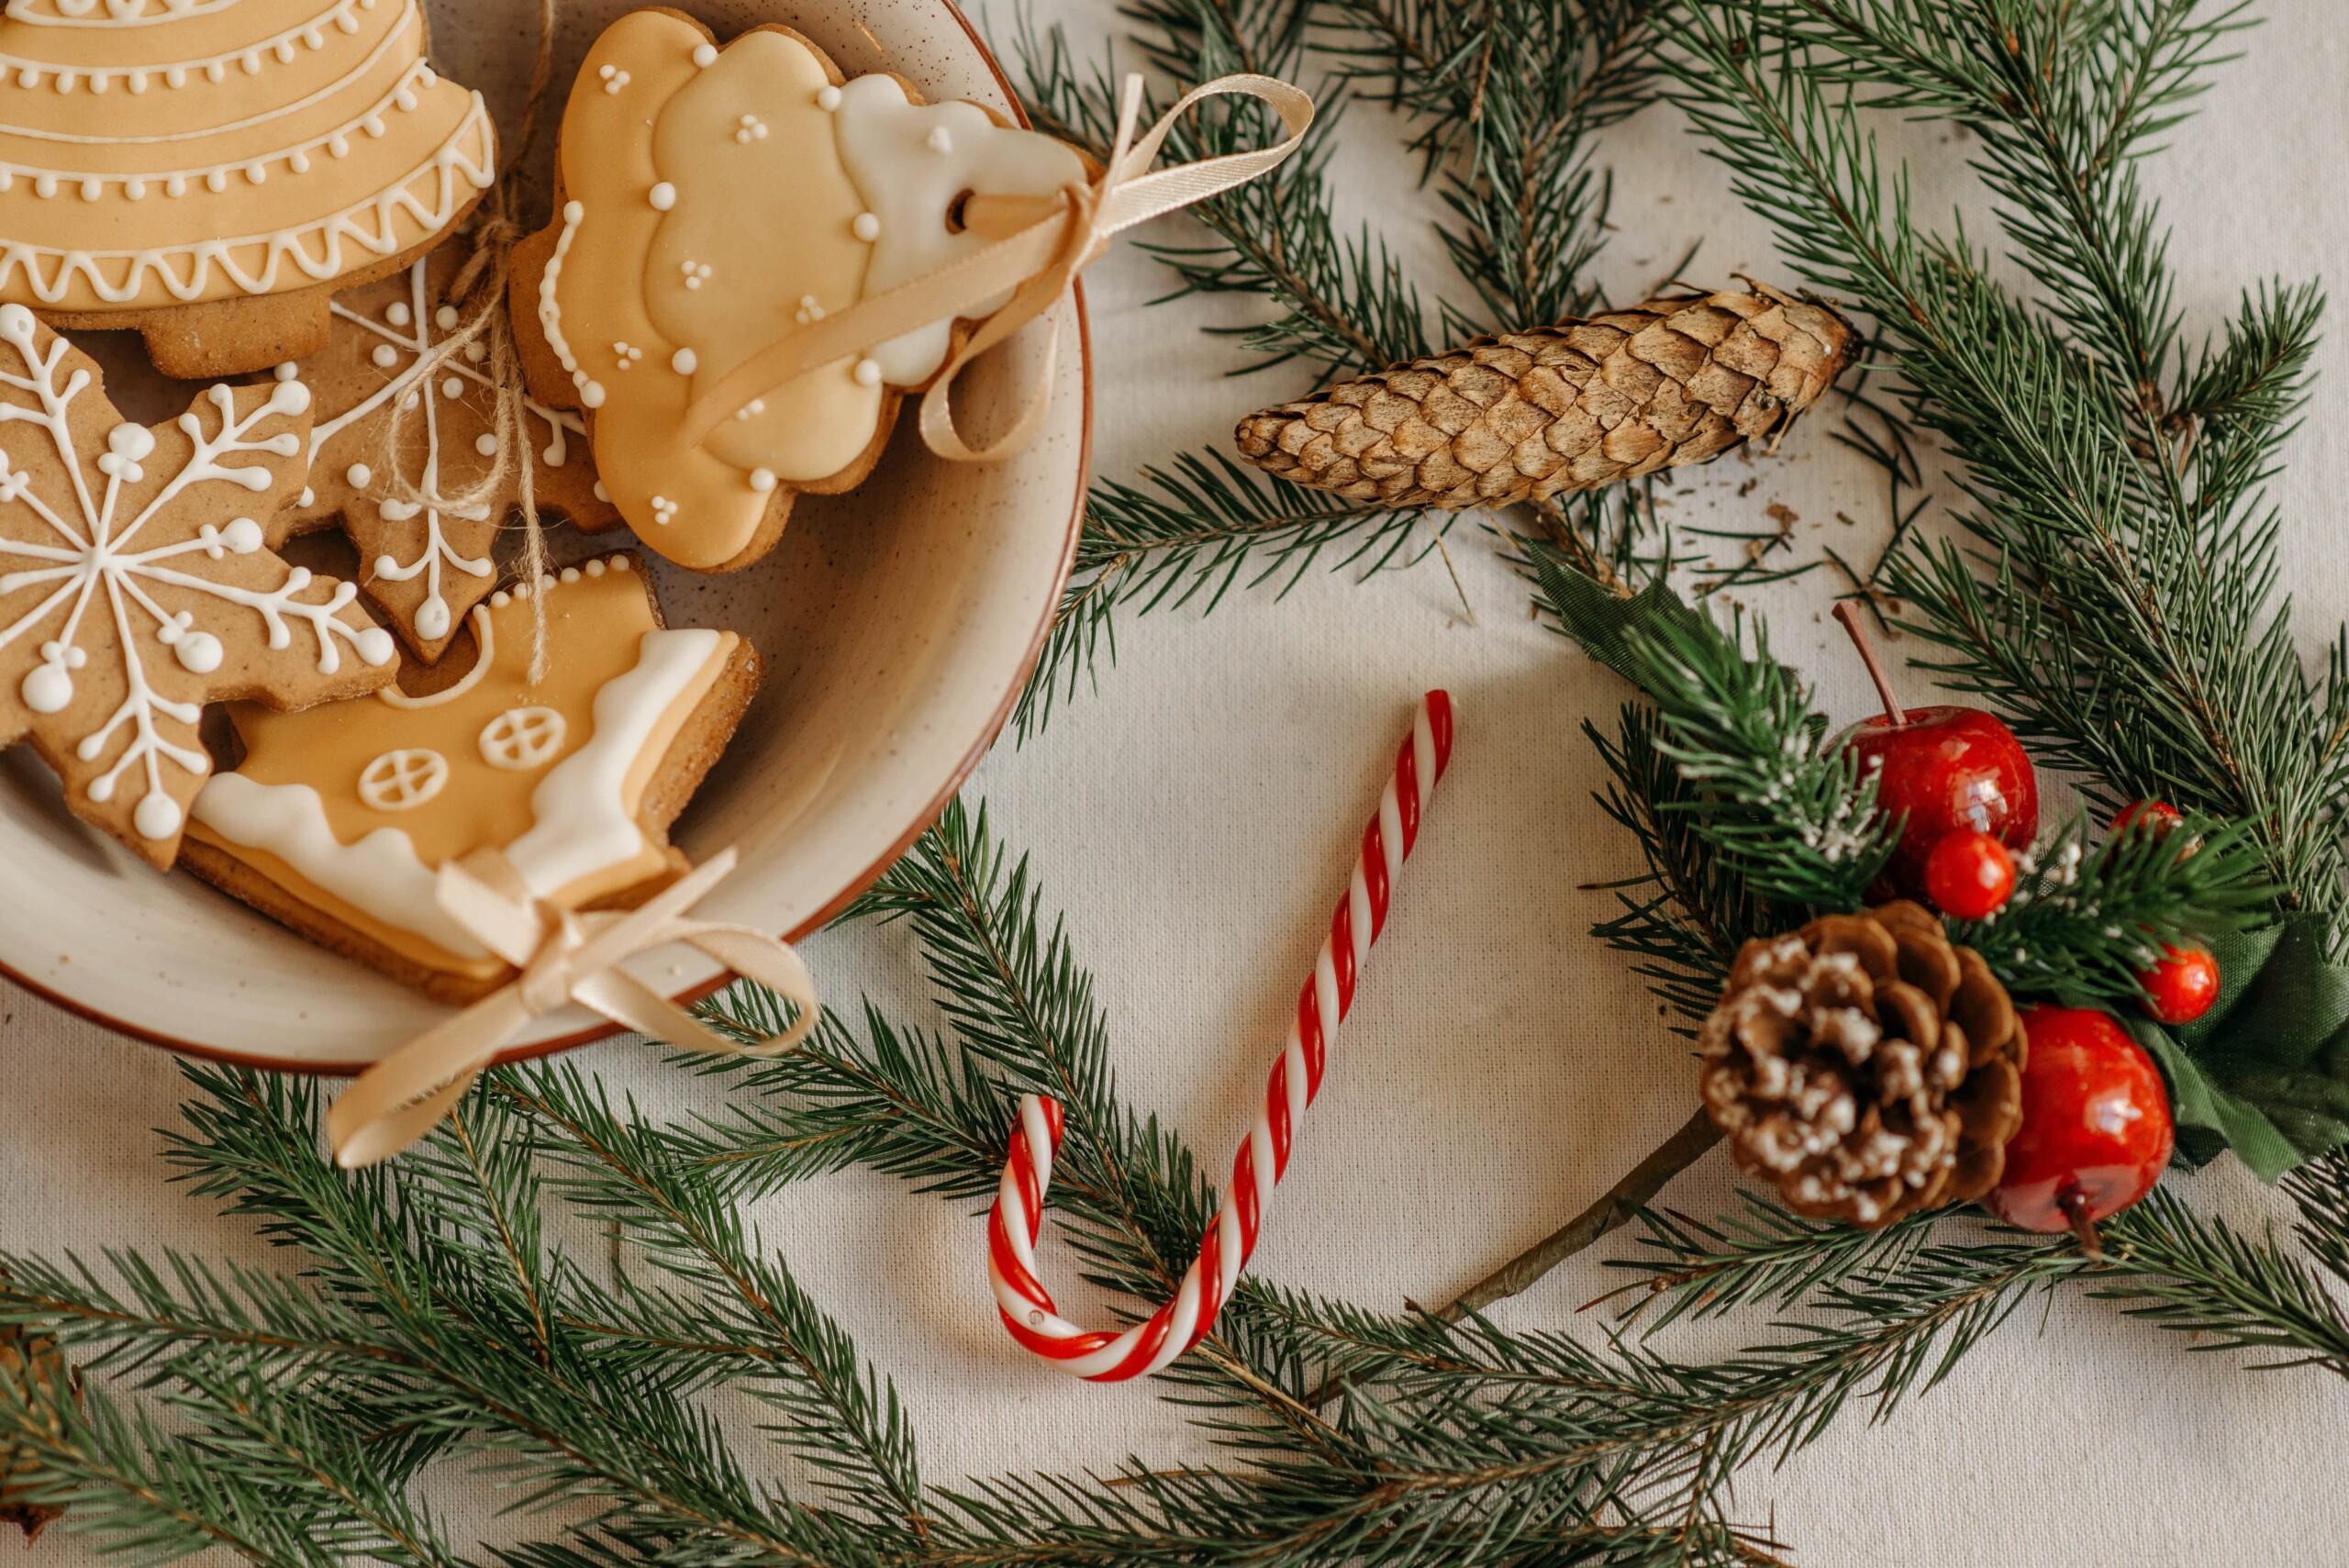 Nachhaltiges Weihnachtsfest: Ohne Verzicht und schlechtes Gewissen?